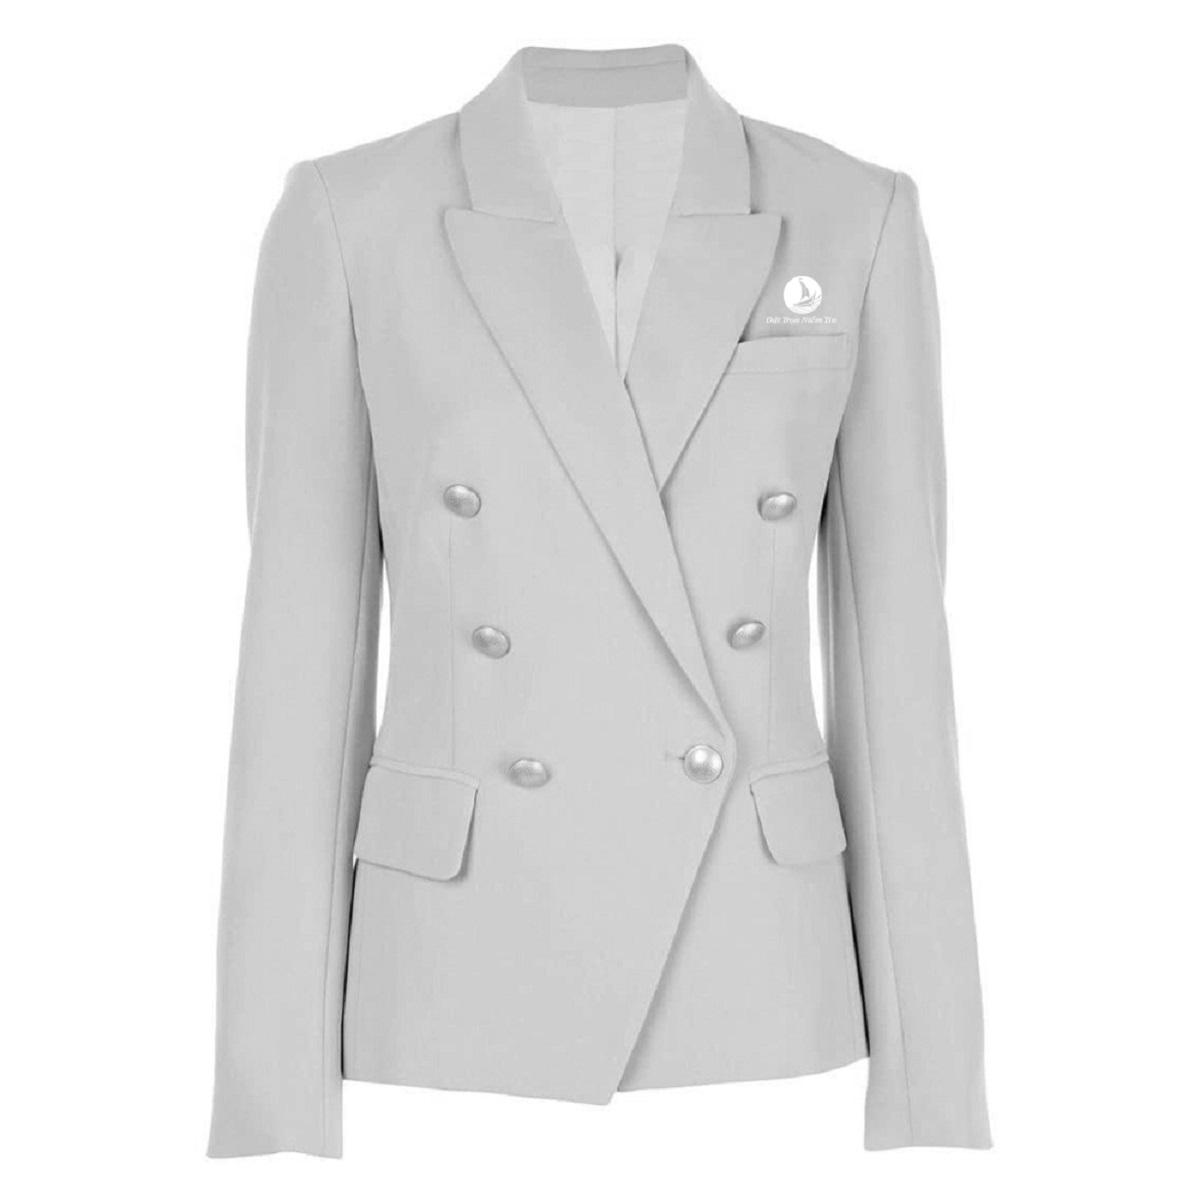 Cũng vì đặc điểm của áo vest mà vải sử dụng cũng cao cấp có đặc tính đứng Form, hạn chế nhăn, dễ ủi …